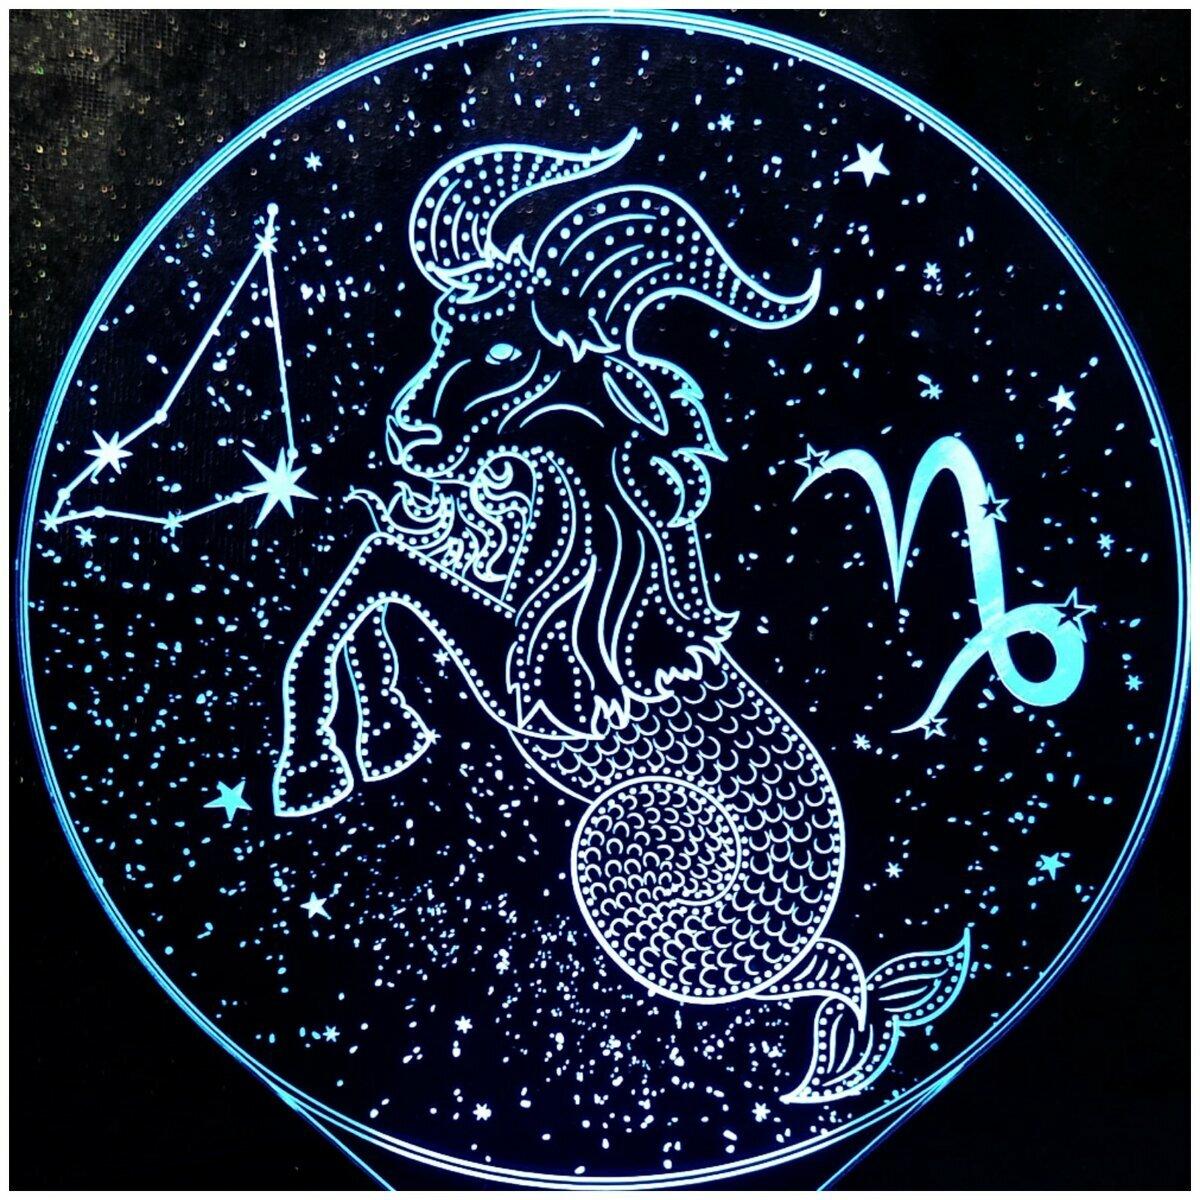 Красивые картинки созвездий знаков зодиака